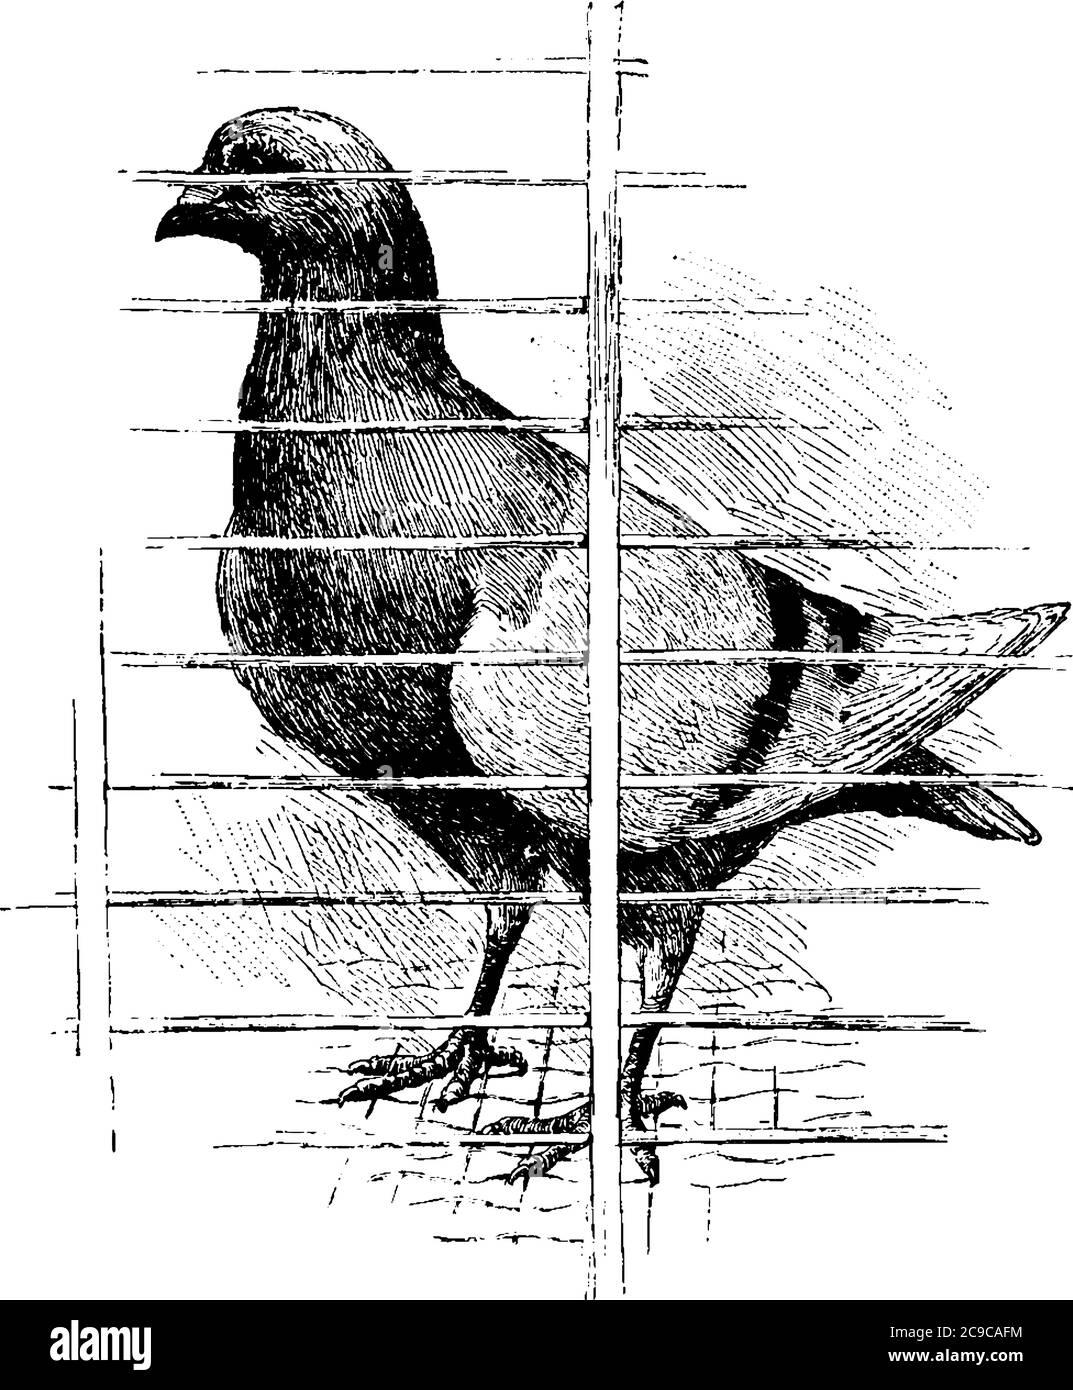 Una paloma con piernas cortas, cuentas cortas, cabeza pequeña en su cuerpo grande, compacto, plumas esponjosas adheridas libremente en la piel, en un loft, línea vintage Ilustración del Vector